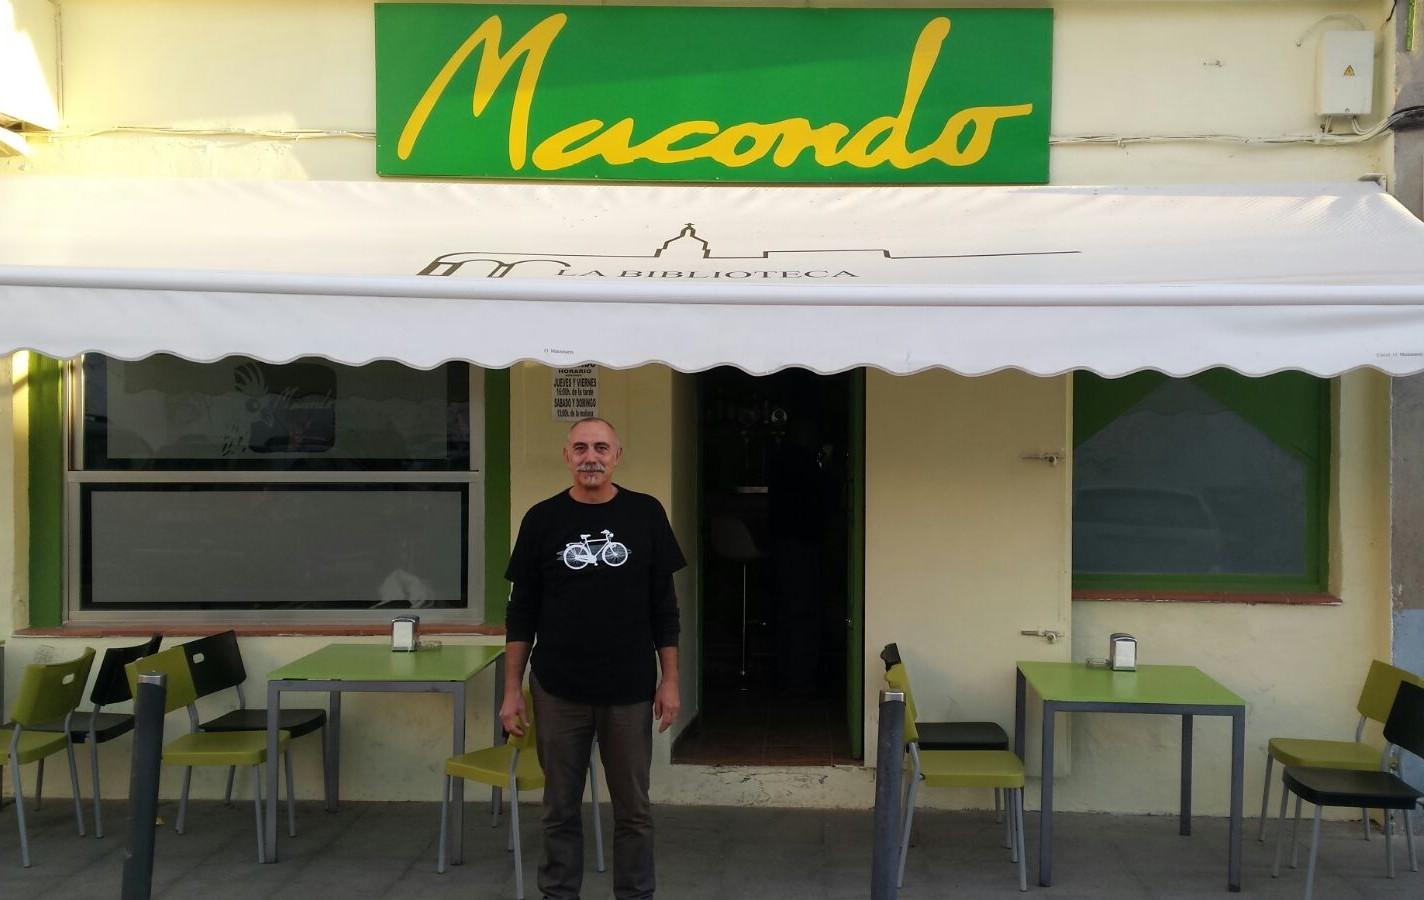 El emblemático Bar Macondo, de Manzanares, vuelve a abrir sus puertas con aires renovados